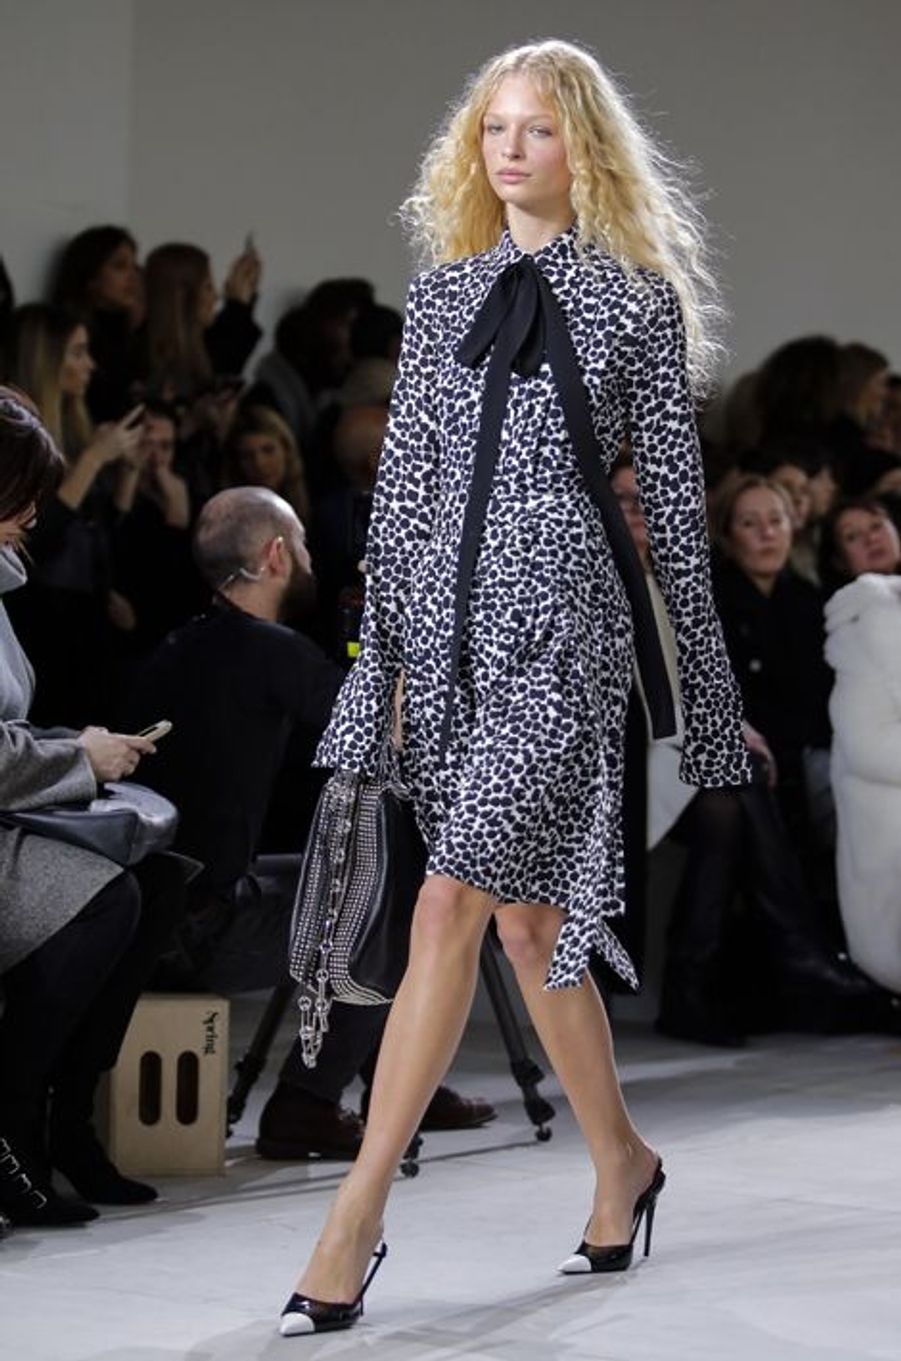 Le défilé Michael Kors à la Fashion week de New York